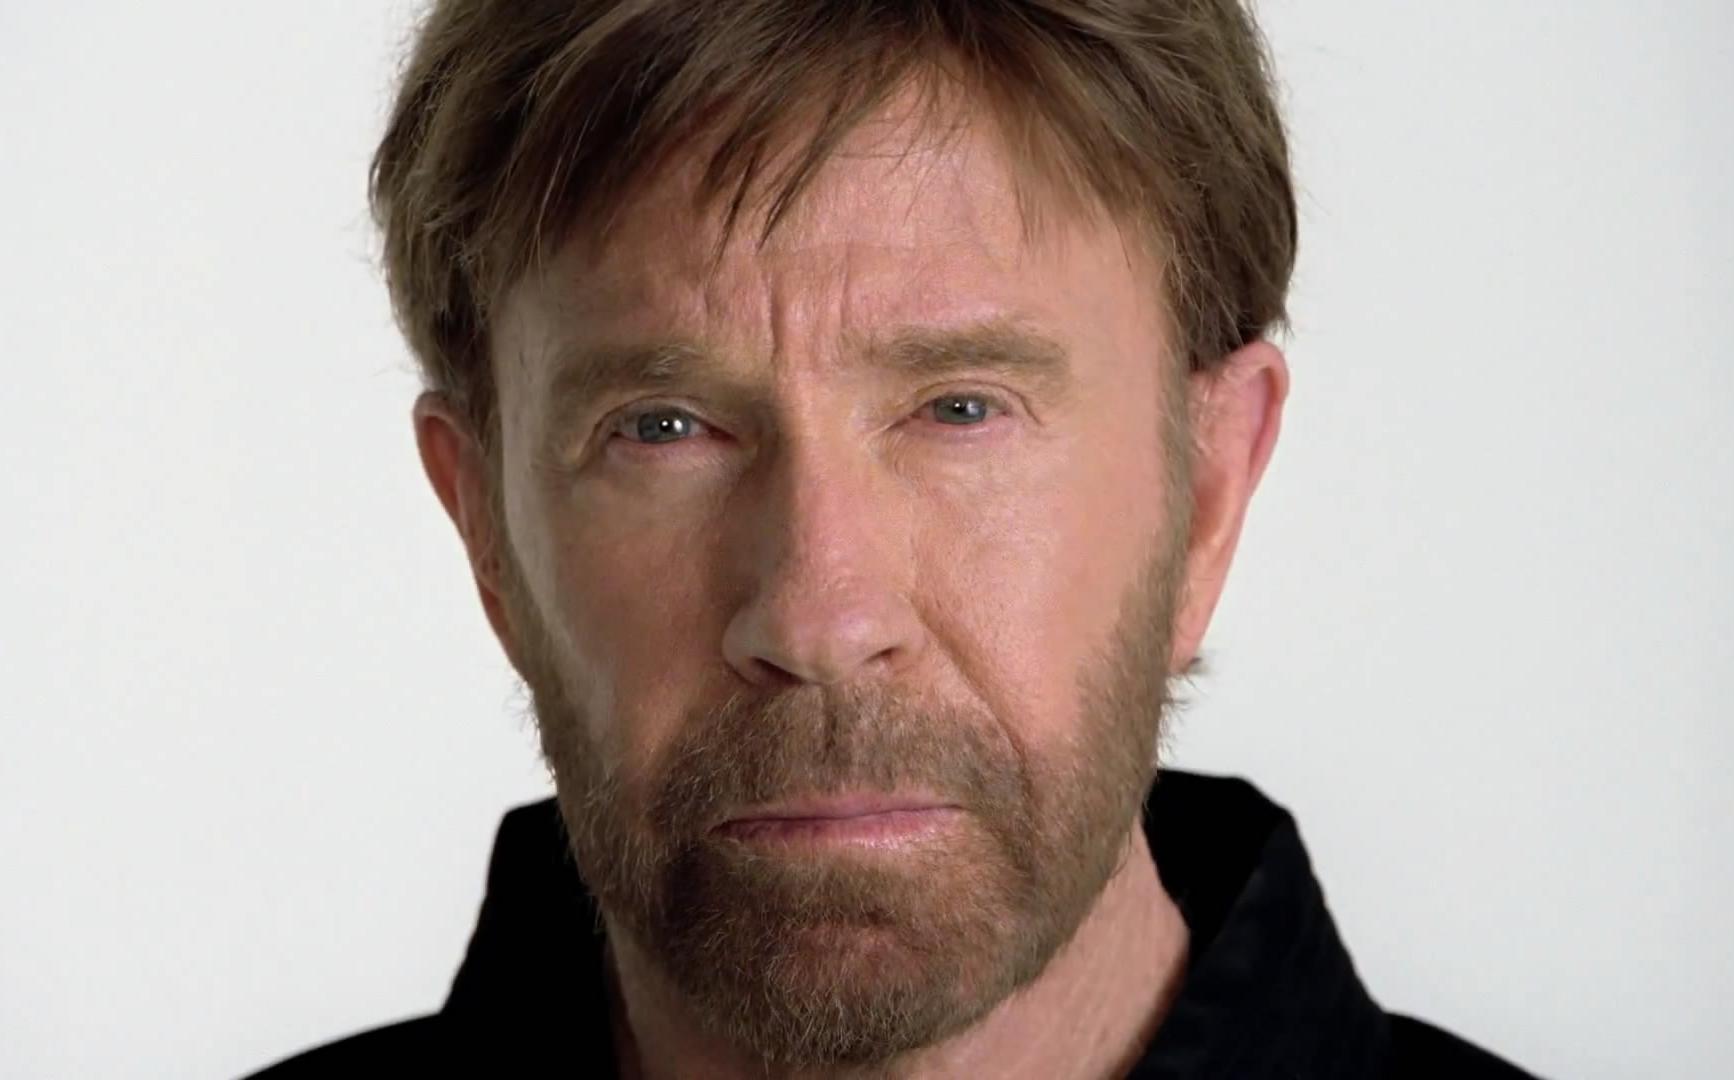 Chuck Norris Backgrounds, Compatible - PC, Mobile, Gadgets  1734x1080 px